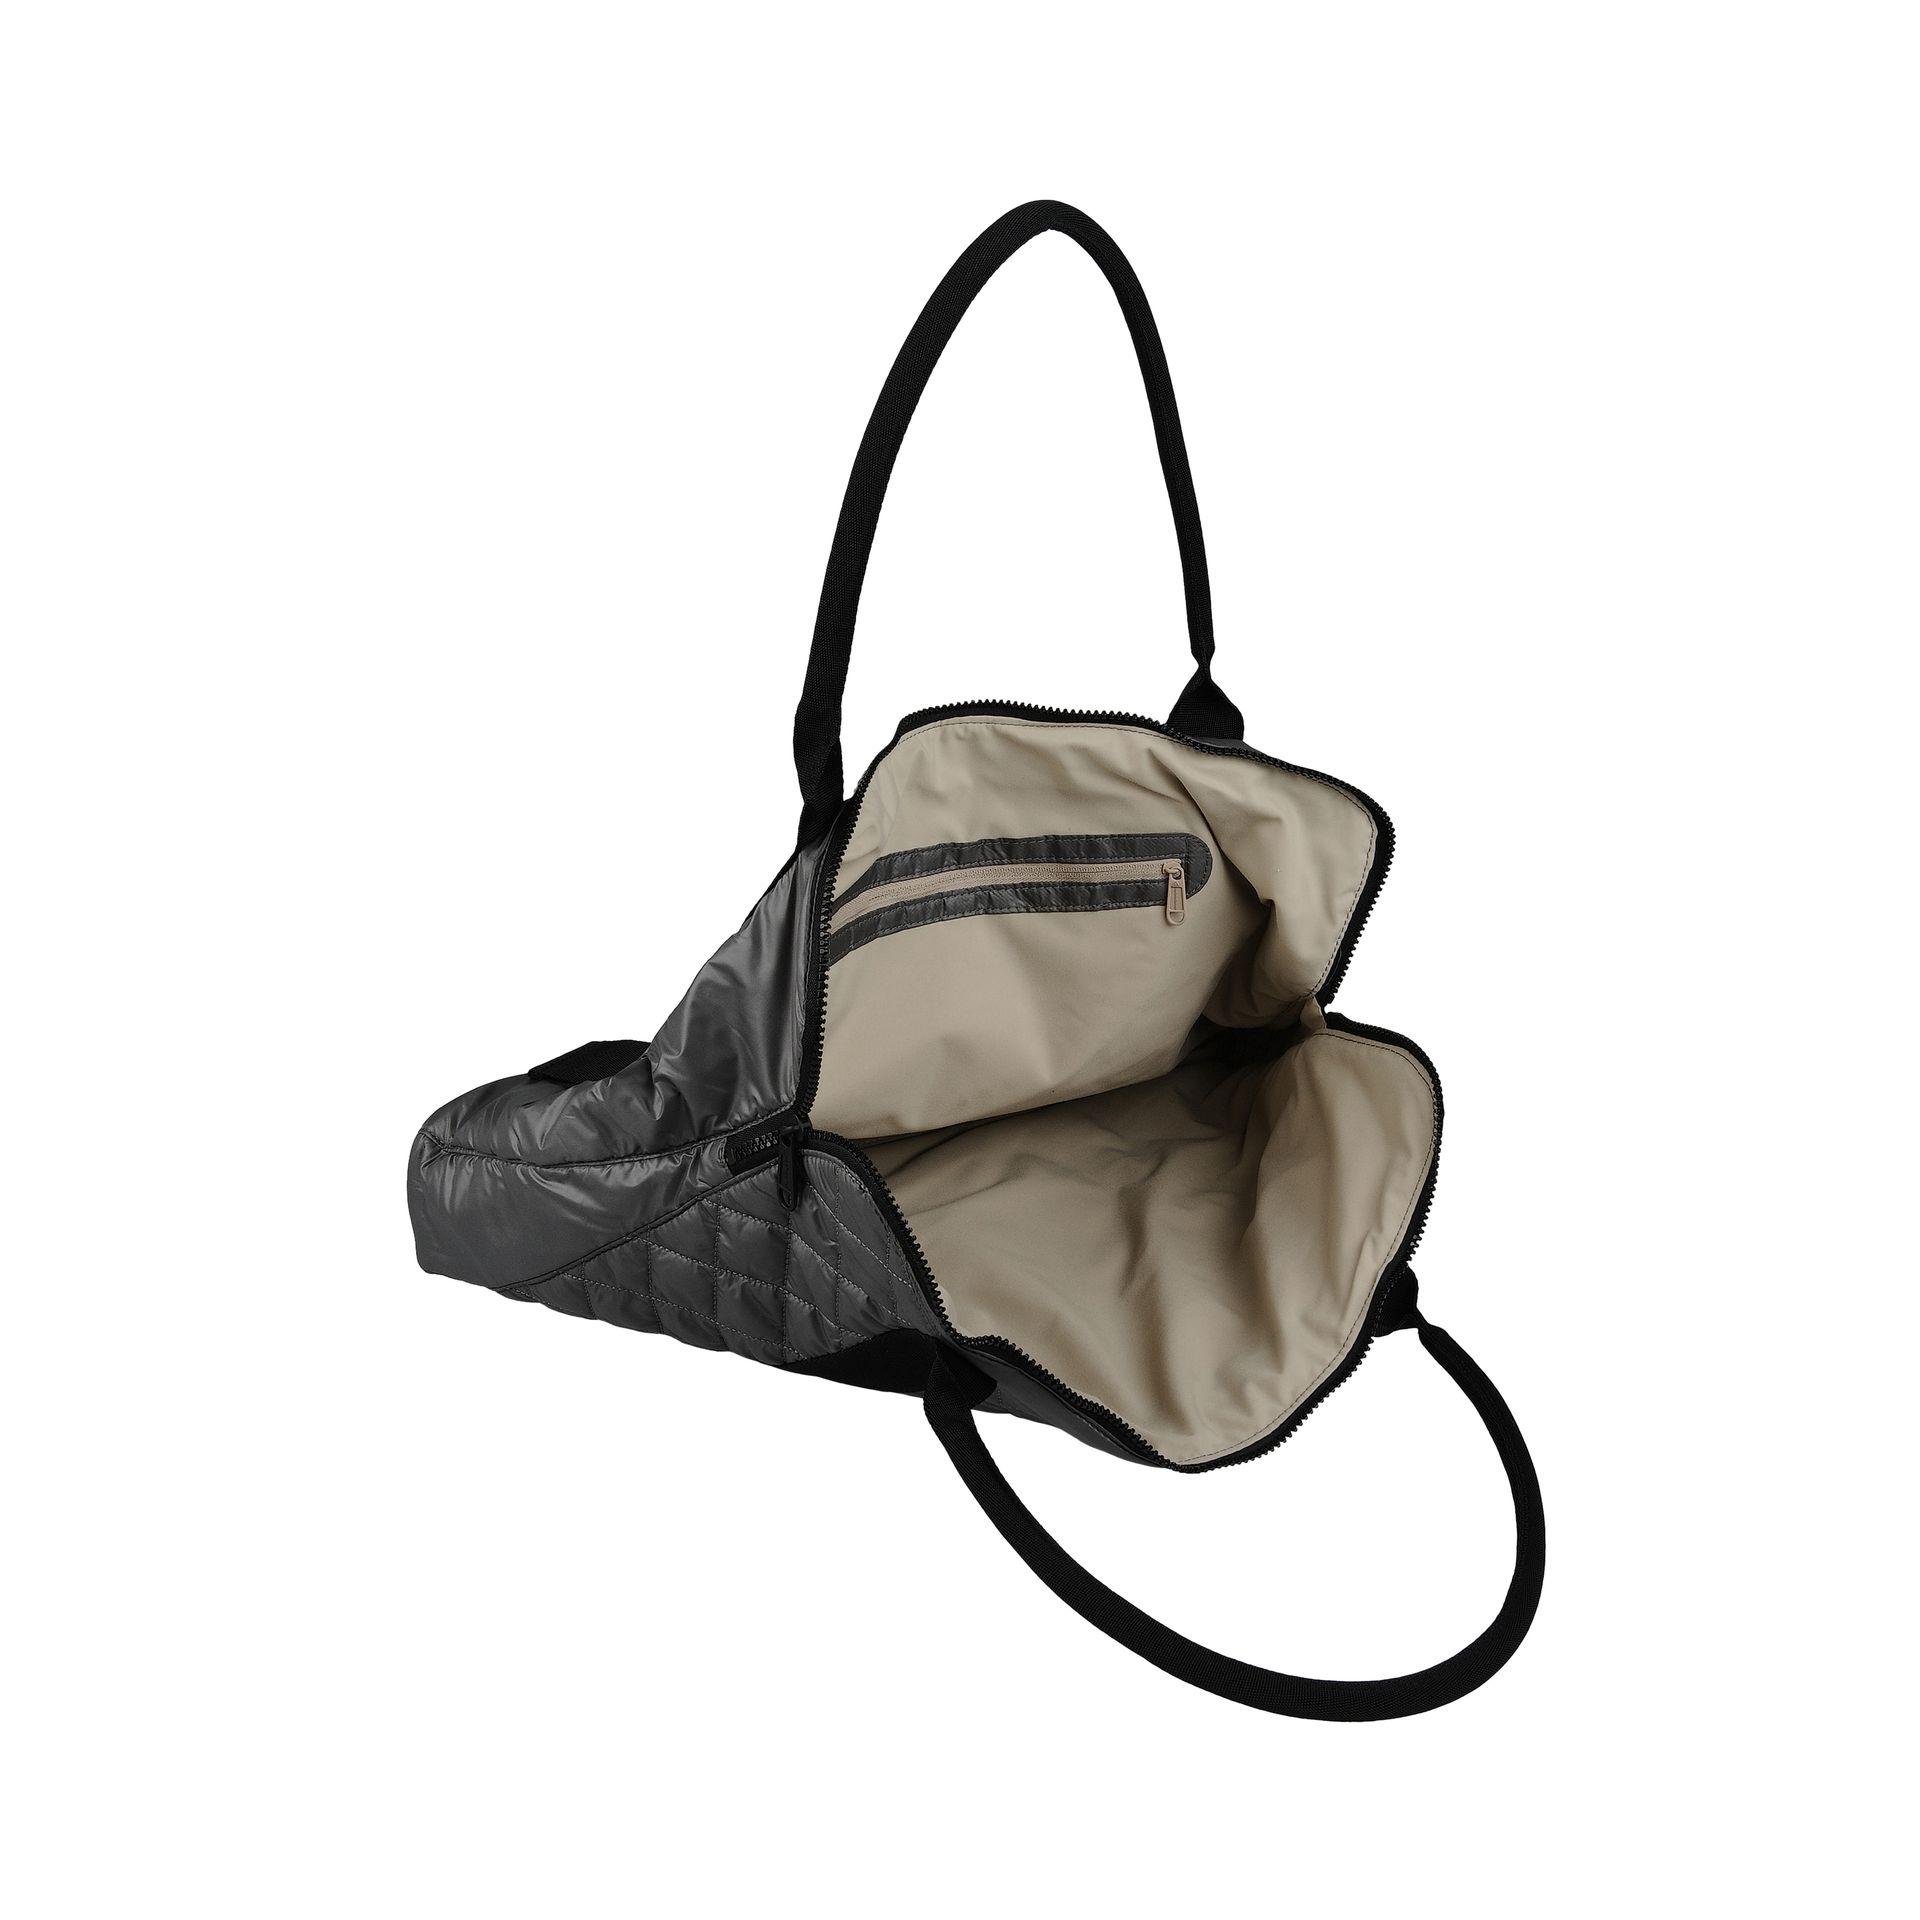 Stella Mccartney Yoga Bag In Gray Lyst